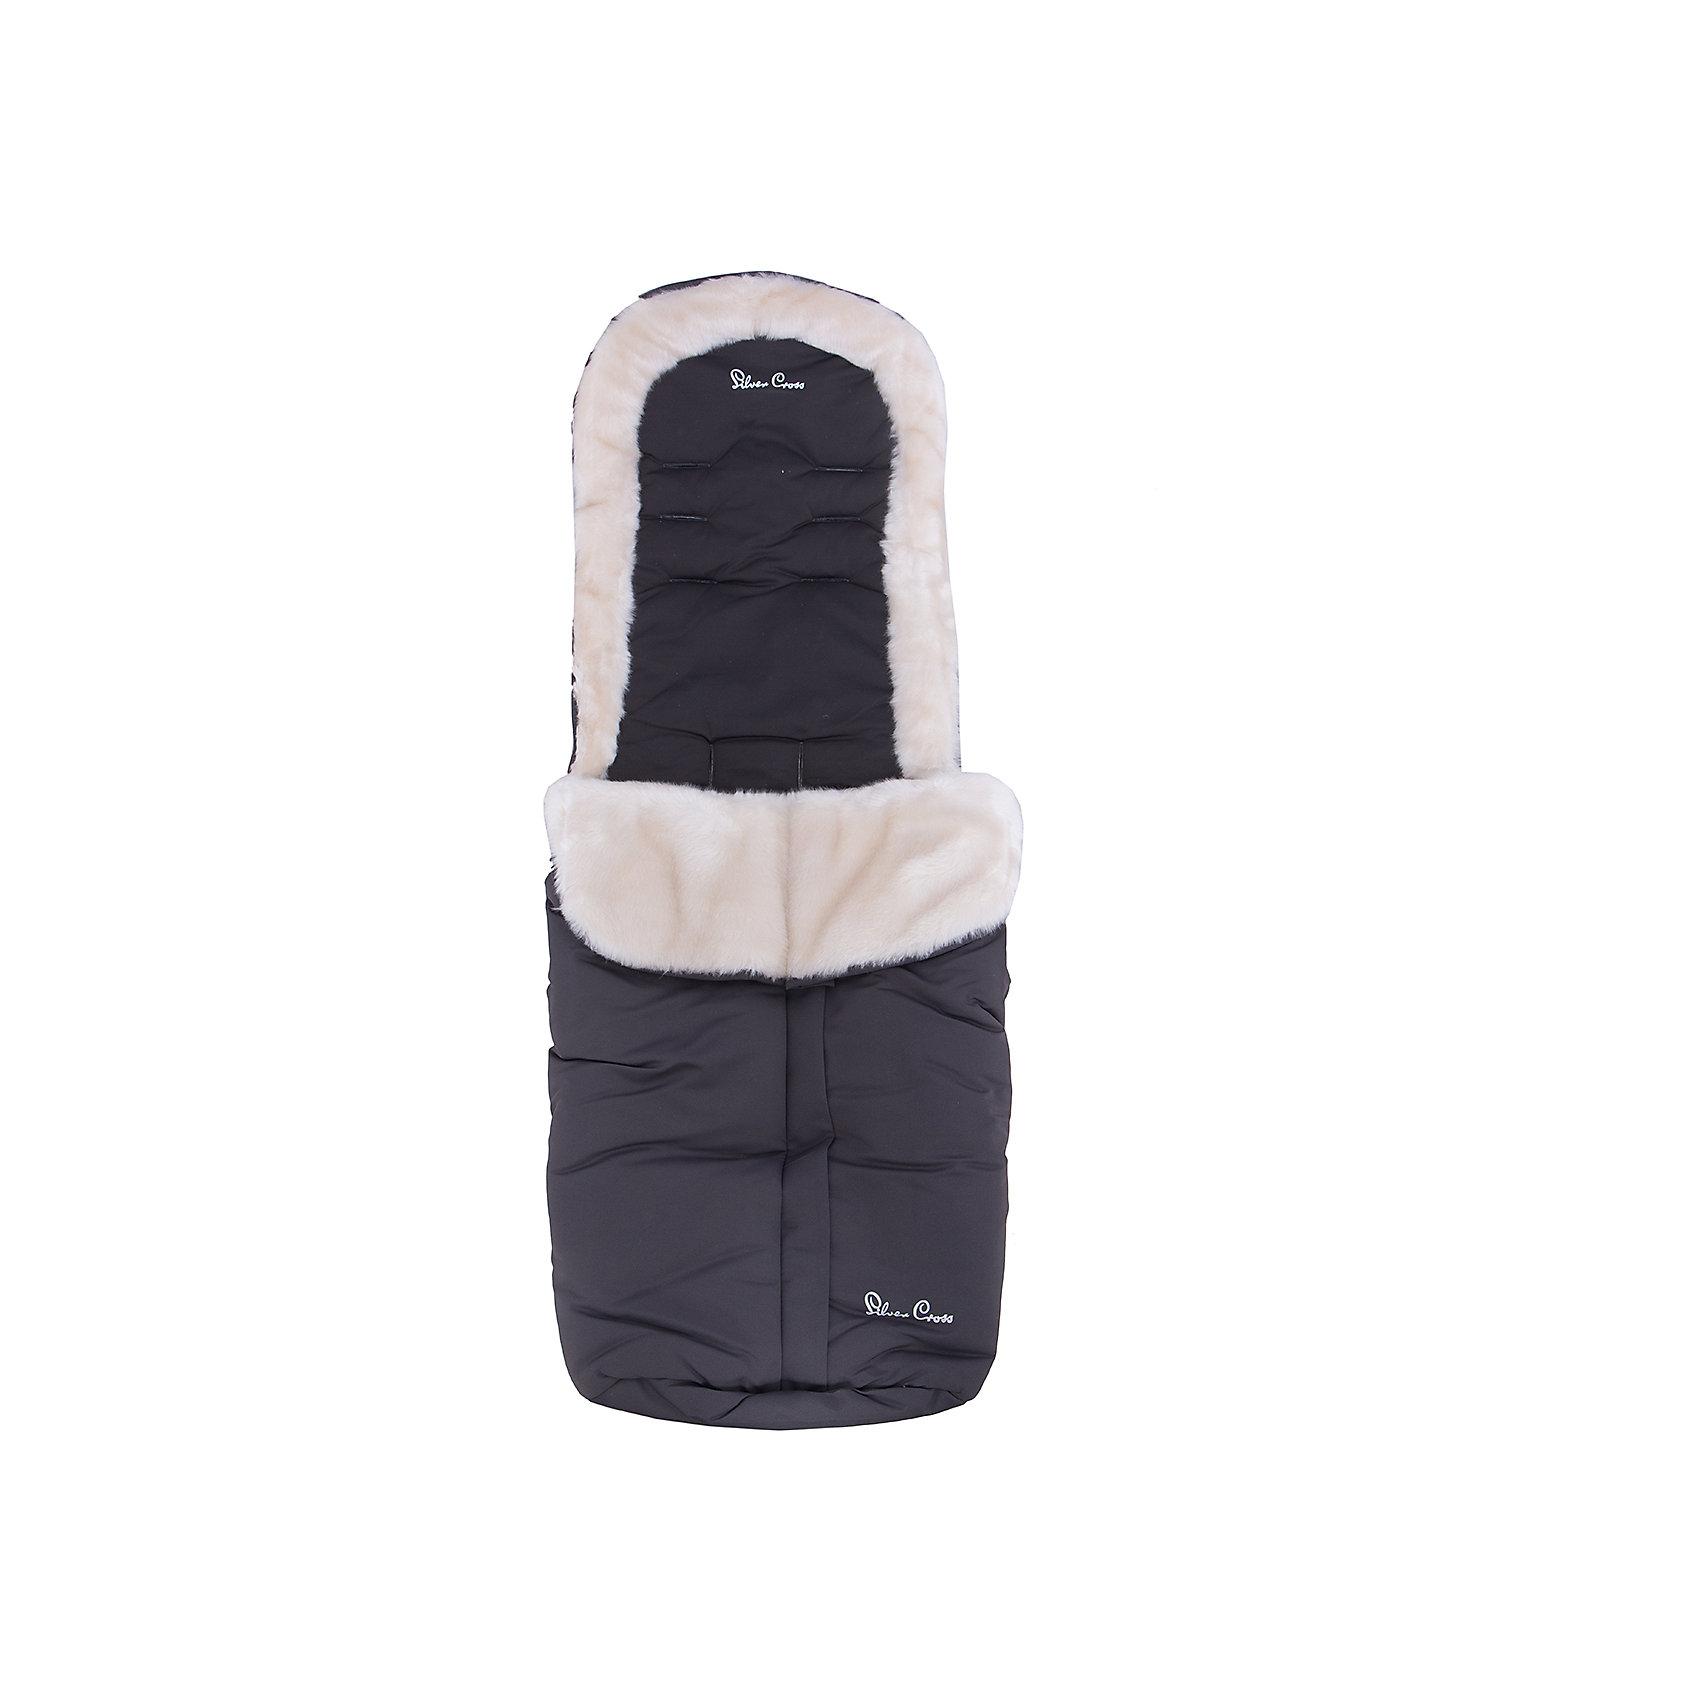 Накидка-муфта Luxury на ножки для коляски Reflex, Silver Cross, creamАксессуары для колясок<br>Суровый климат располагает к утеплению малыша к зимнему сезону. Накидка на ножки согреет ребенка и подарит ему невероятный комфорт на прогулке. Верхний слой не промокает, а нижний изготовлен из мягкого искусственного меха. Модель удобно и быстро крепится к коляске, а так же быстро снимается. Накидка легко очищаются даже от самых сложных загрязнений. Материалы, использованные при изготовлении, абсолютно безопасны для детей и отвечают всем требованиям по качеству.<br><br>Дополнительные характеристики:<br><br>материал: прочный текстиль, искусственный мех;<br>отверстия для ремней безопасности;<br>цвет: cream;<br>крепление: ремни.<br><br>Накидку-муфту Luxury на ножки для коляски Reflex от компании Silver Cross можно приобрести в нашем магазине.<br><br>Ширина мм: 550<br>Глубина мм: 520<br>Высота мм: 940<br>Вес г: 22400<br>Возраст от месяцев: 0<br>Возраст до месяцев: 36<br>Пол: Унисекс<br>Возраст: Детский<br>SKU: 5011566